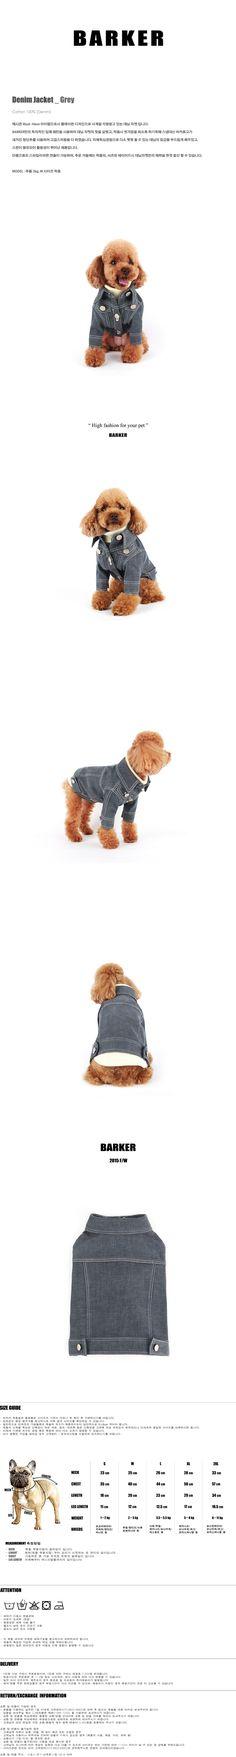 반려동물 편집샵 멜리. 강아지옷,강아지용품, 국내외 디자이너 반려동물브랜드 입점. 바커강아지옷